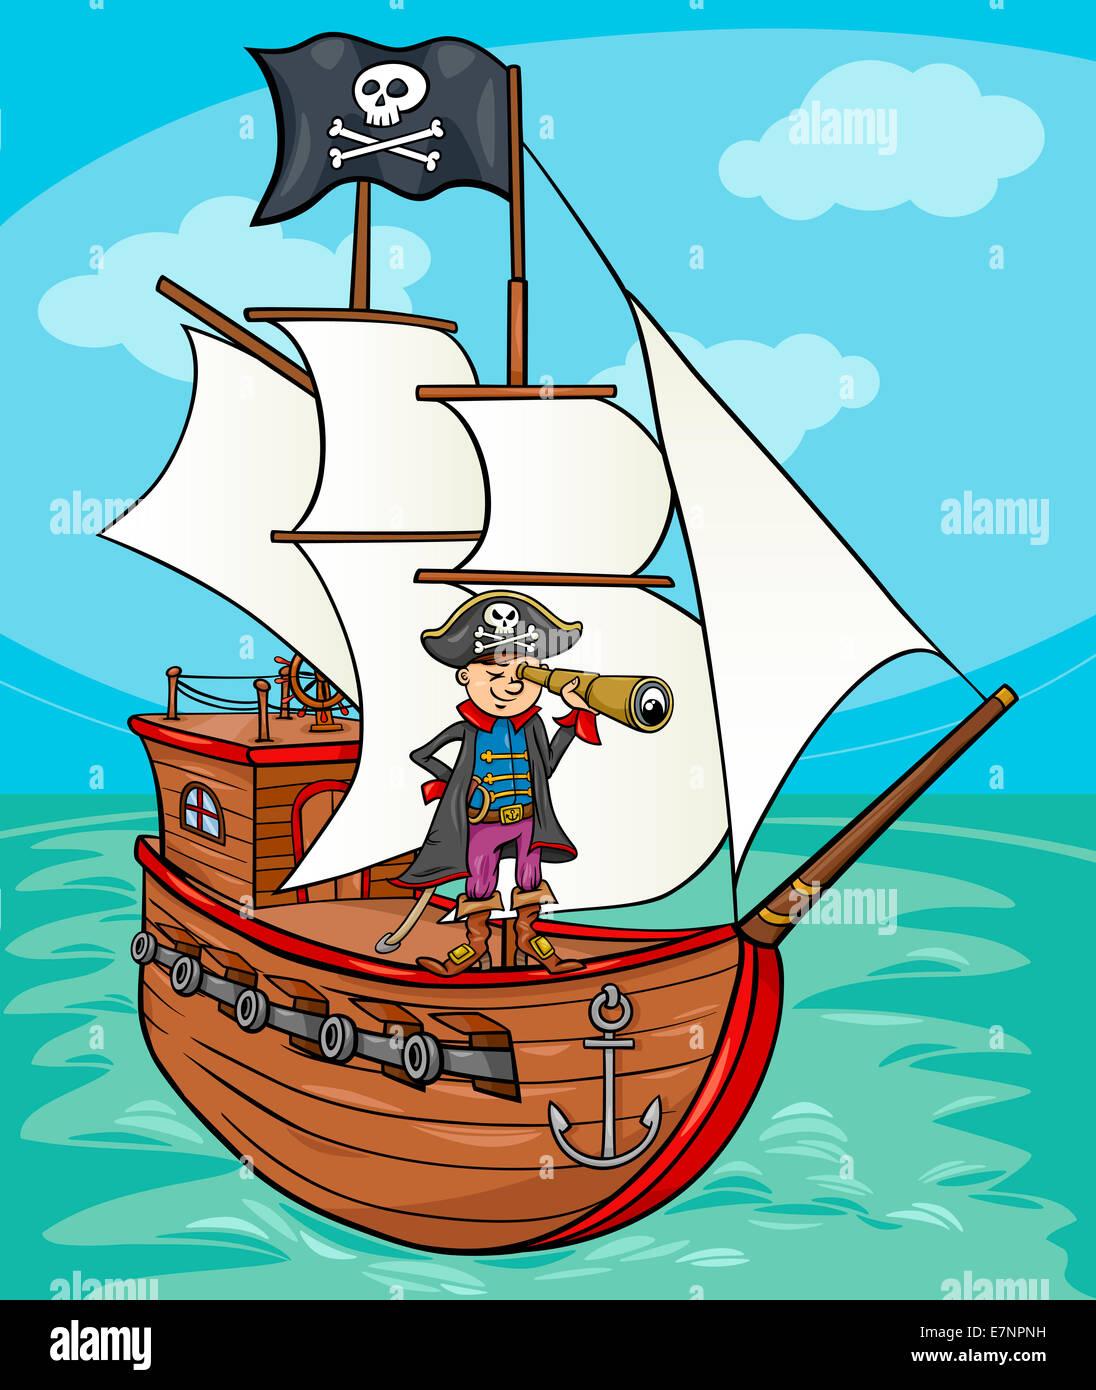 Ilustración Caricatura Divertida De Capitán Pirata Con Spyglass Y